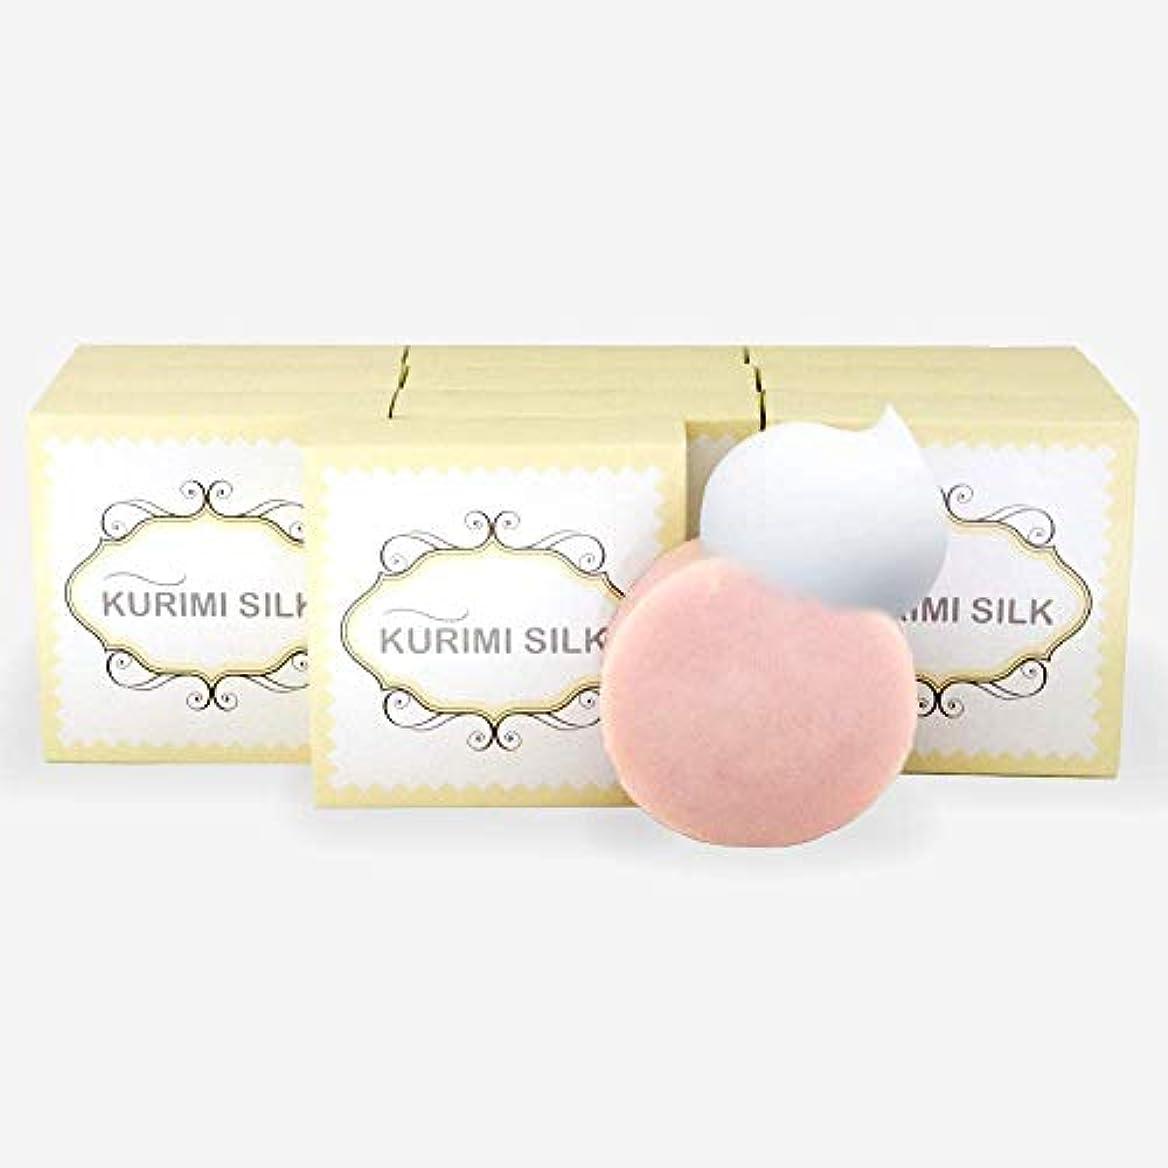 シュリンク裏切り相関するヒップ 背中 ニキビ 角質 美白 保湿 体臭 ケア KURIMI SILK [ クリミシルク ] デオドラント 高級化粧石鹸/枠練り石鹸 80g(10個)